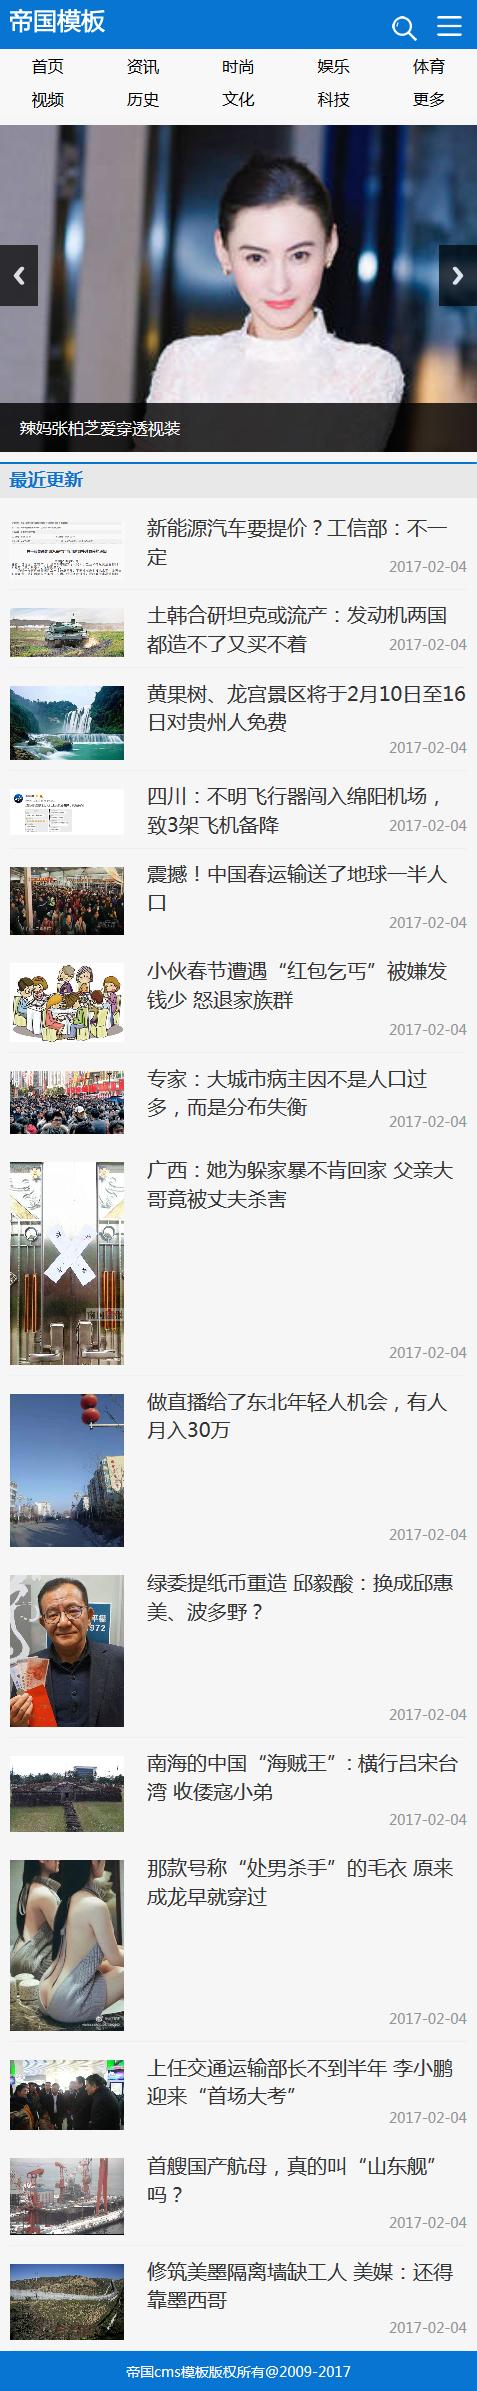 帝国cms手机模板之蓝色新闻资讯类模板【可以改颜色】_首页模板